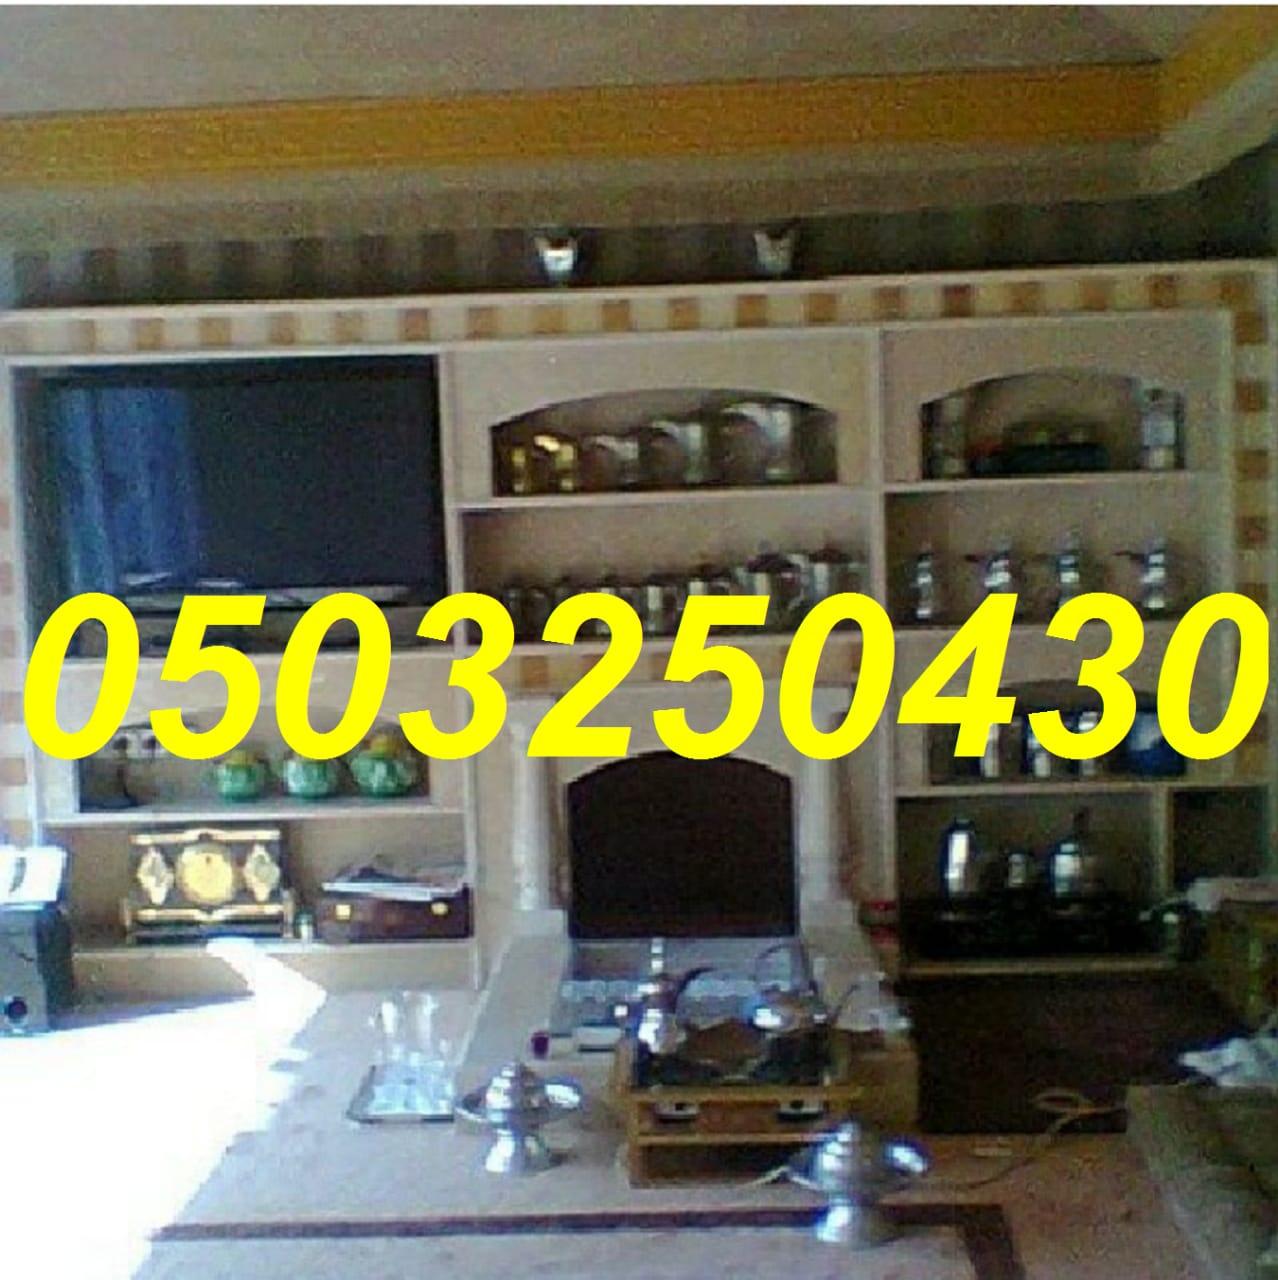 مشبات رخام جديدة  , صور مشبات ، صور مشبات ، صور مشبات ،,  صور مشبات ، ديكورات مشبات ، 0503250430  P_1789ep98t5